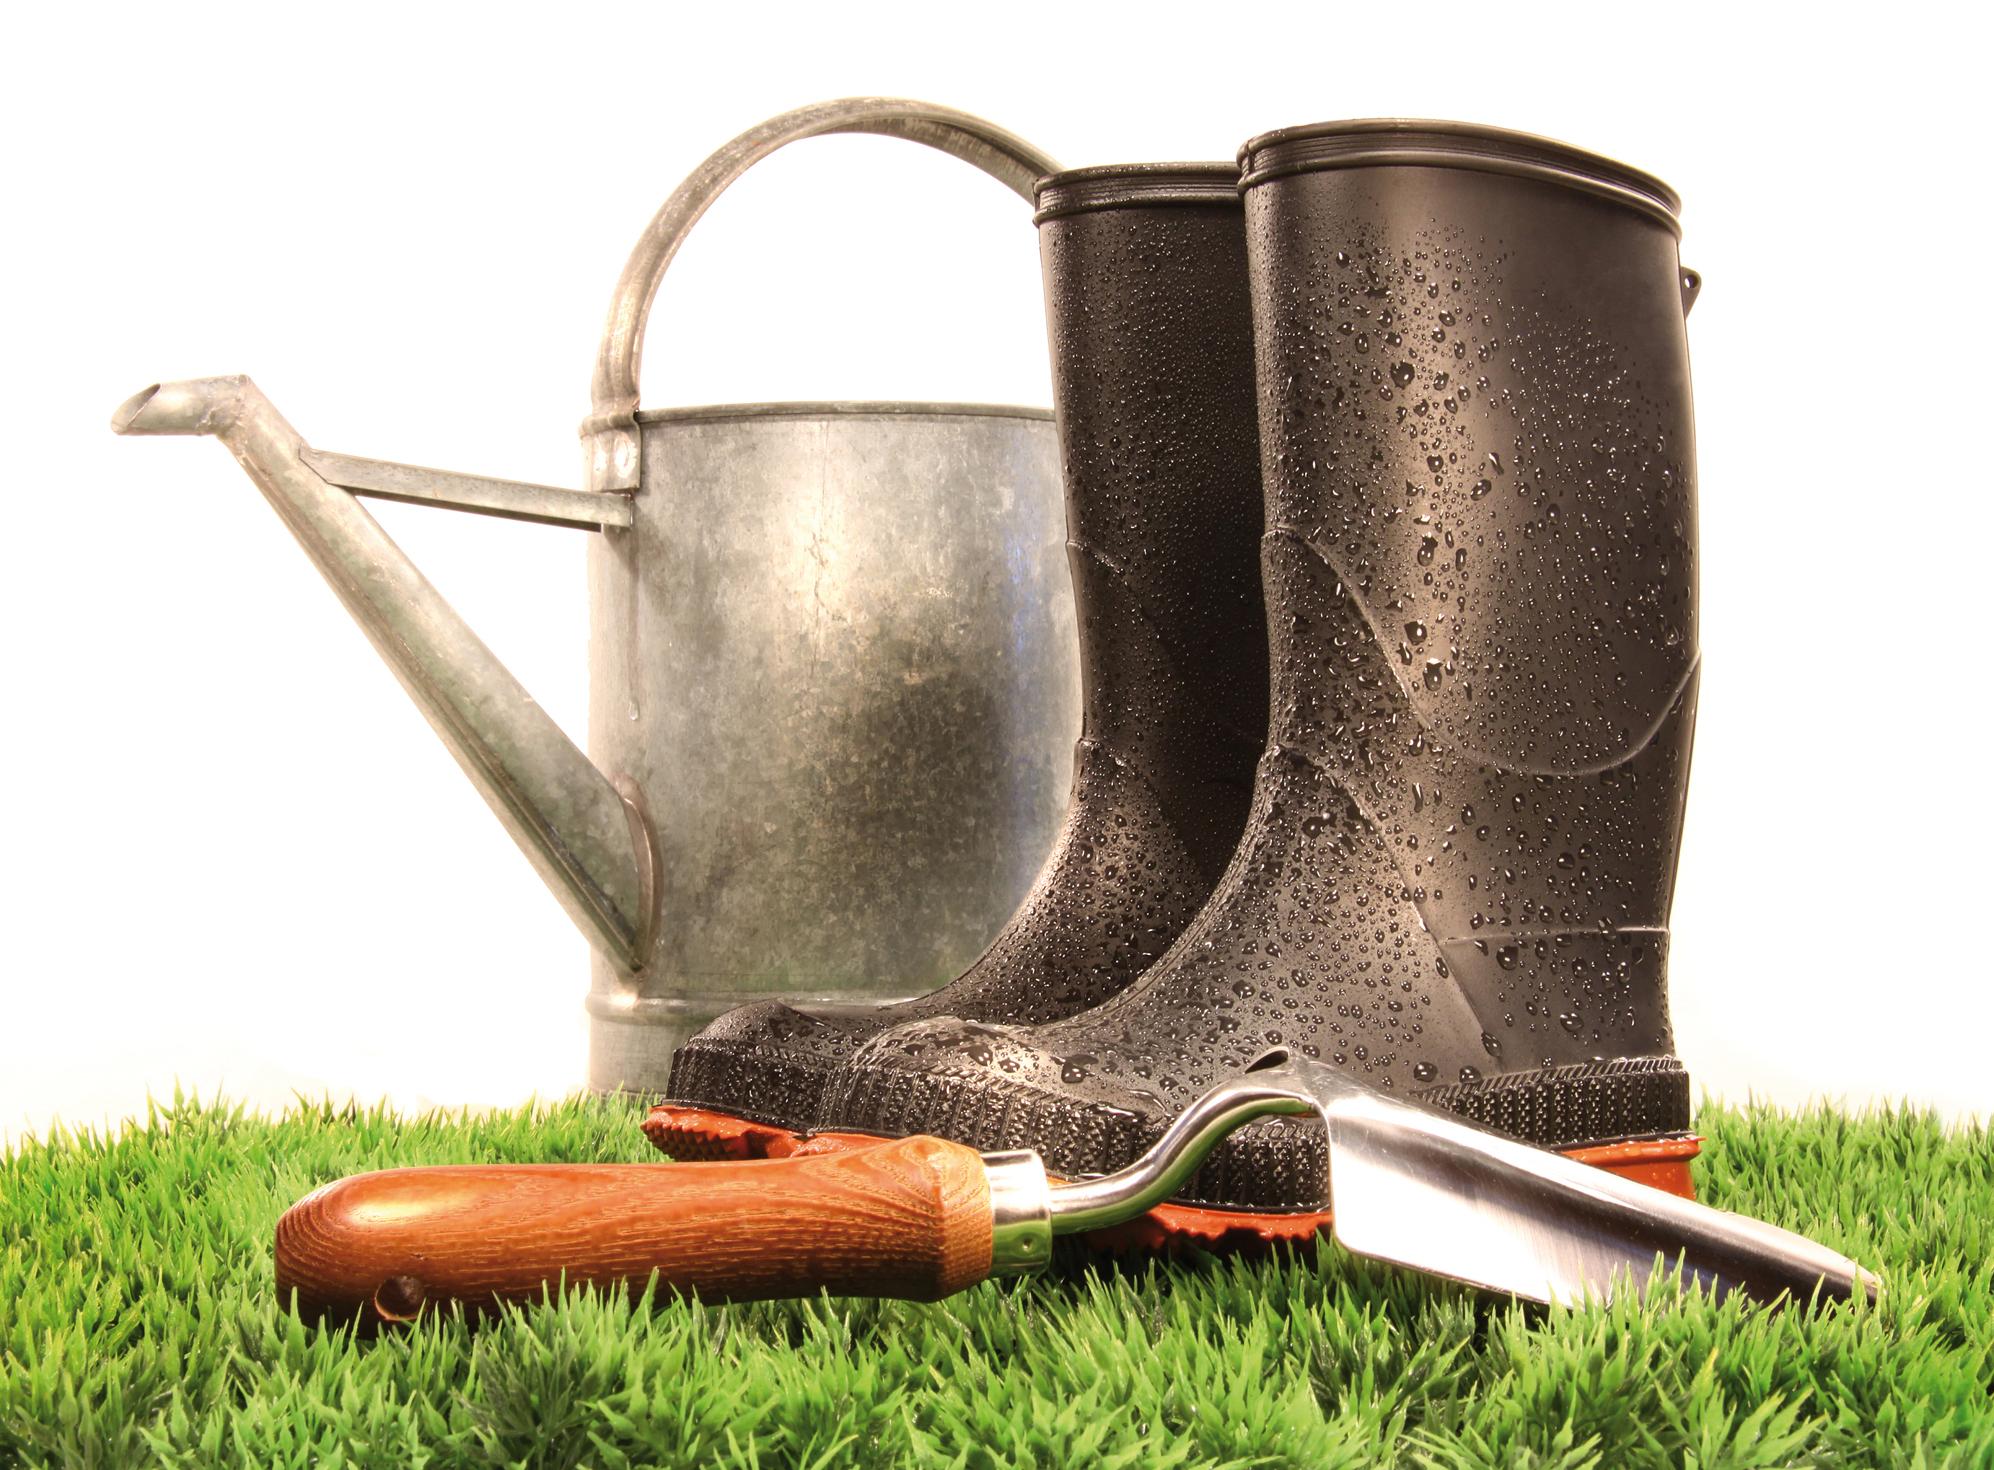 Jardinage avoir la main verte et cologique lorraine magazine - Avoir la main verte ...